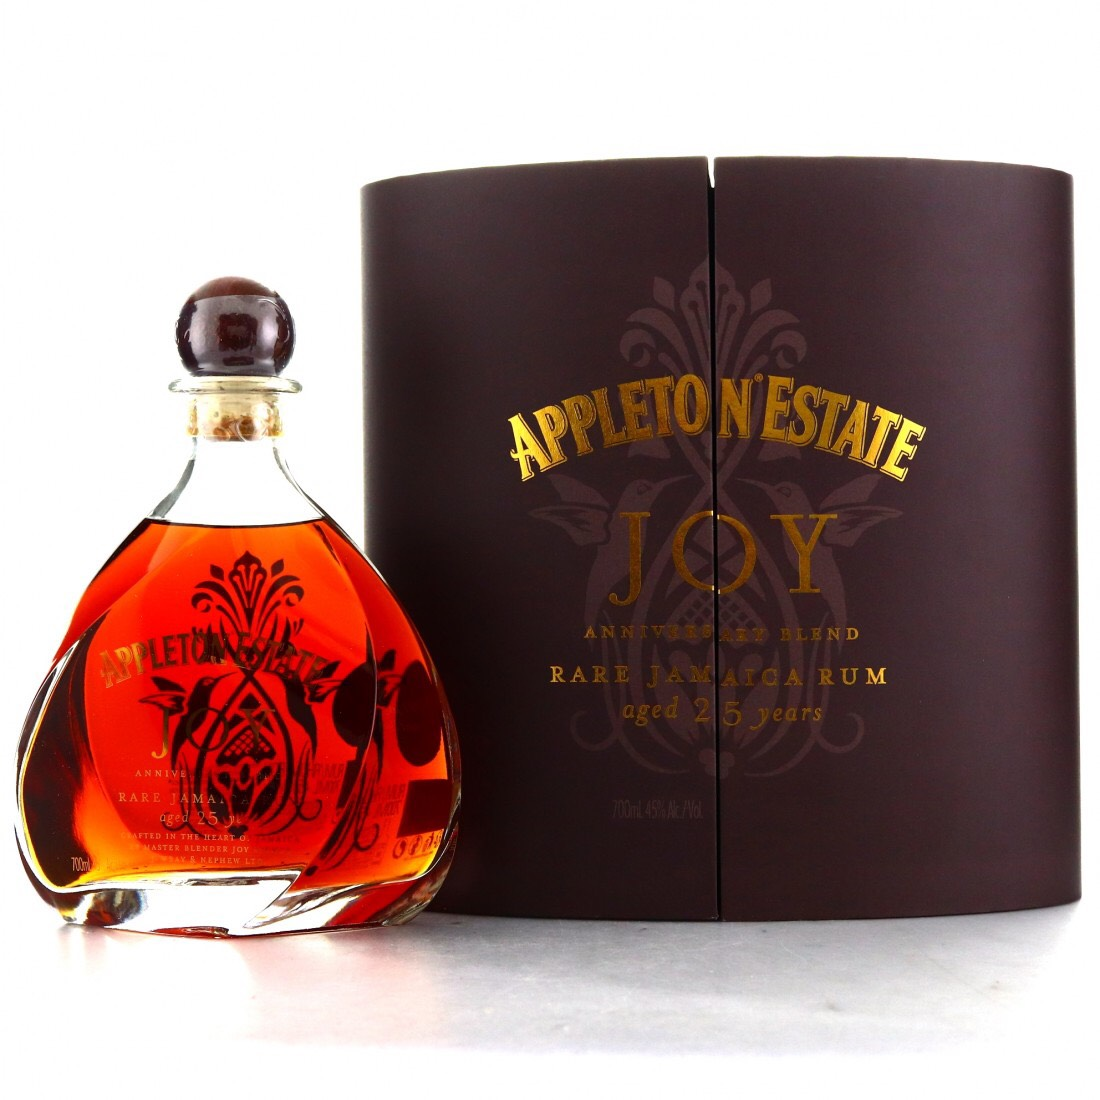 Bottle image of Joy